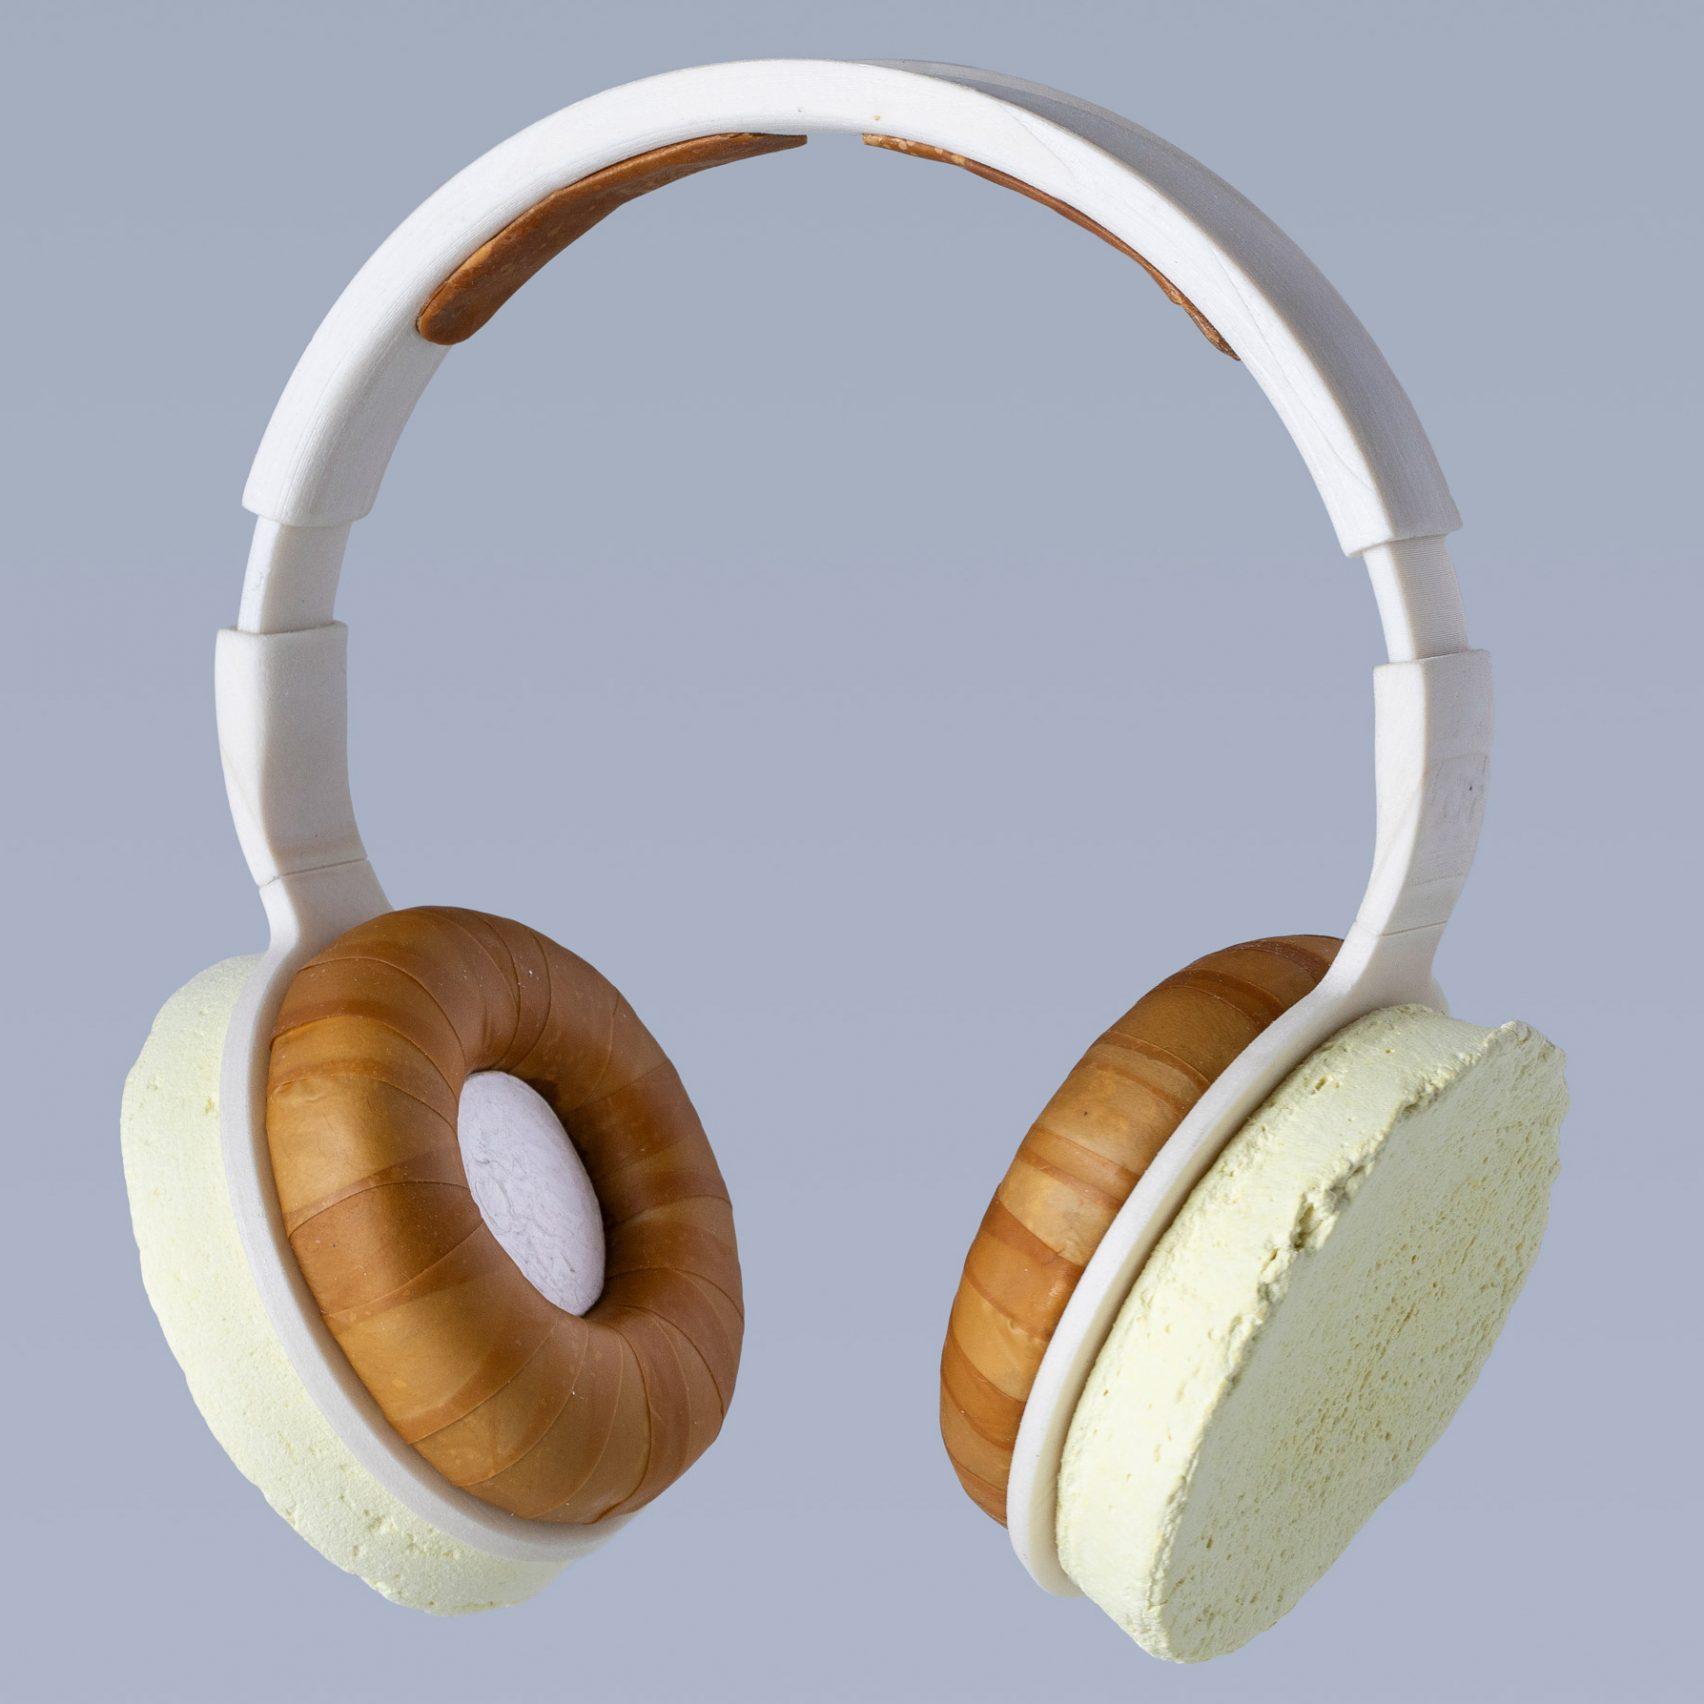 korvaa-headphones-aivan-grown-fungus-yeast-_dezeen_2364_sq_3-1704x1704.jpg